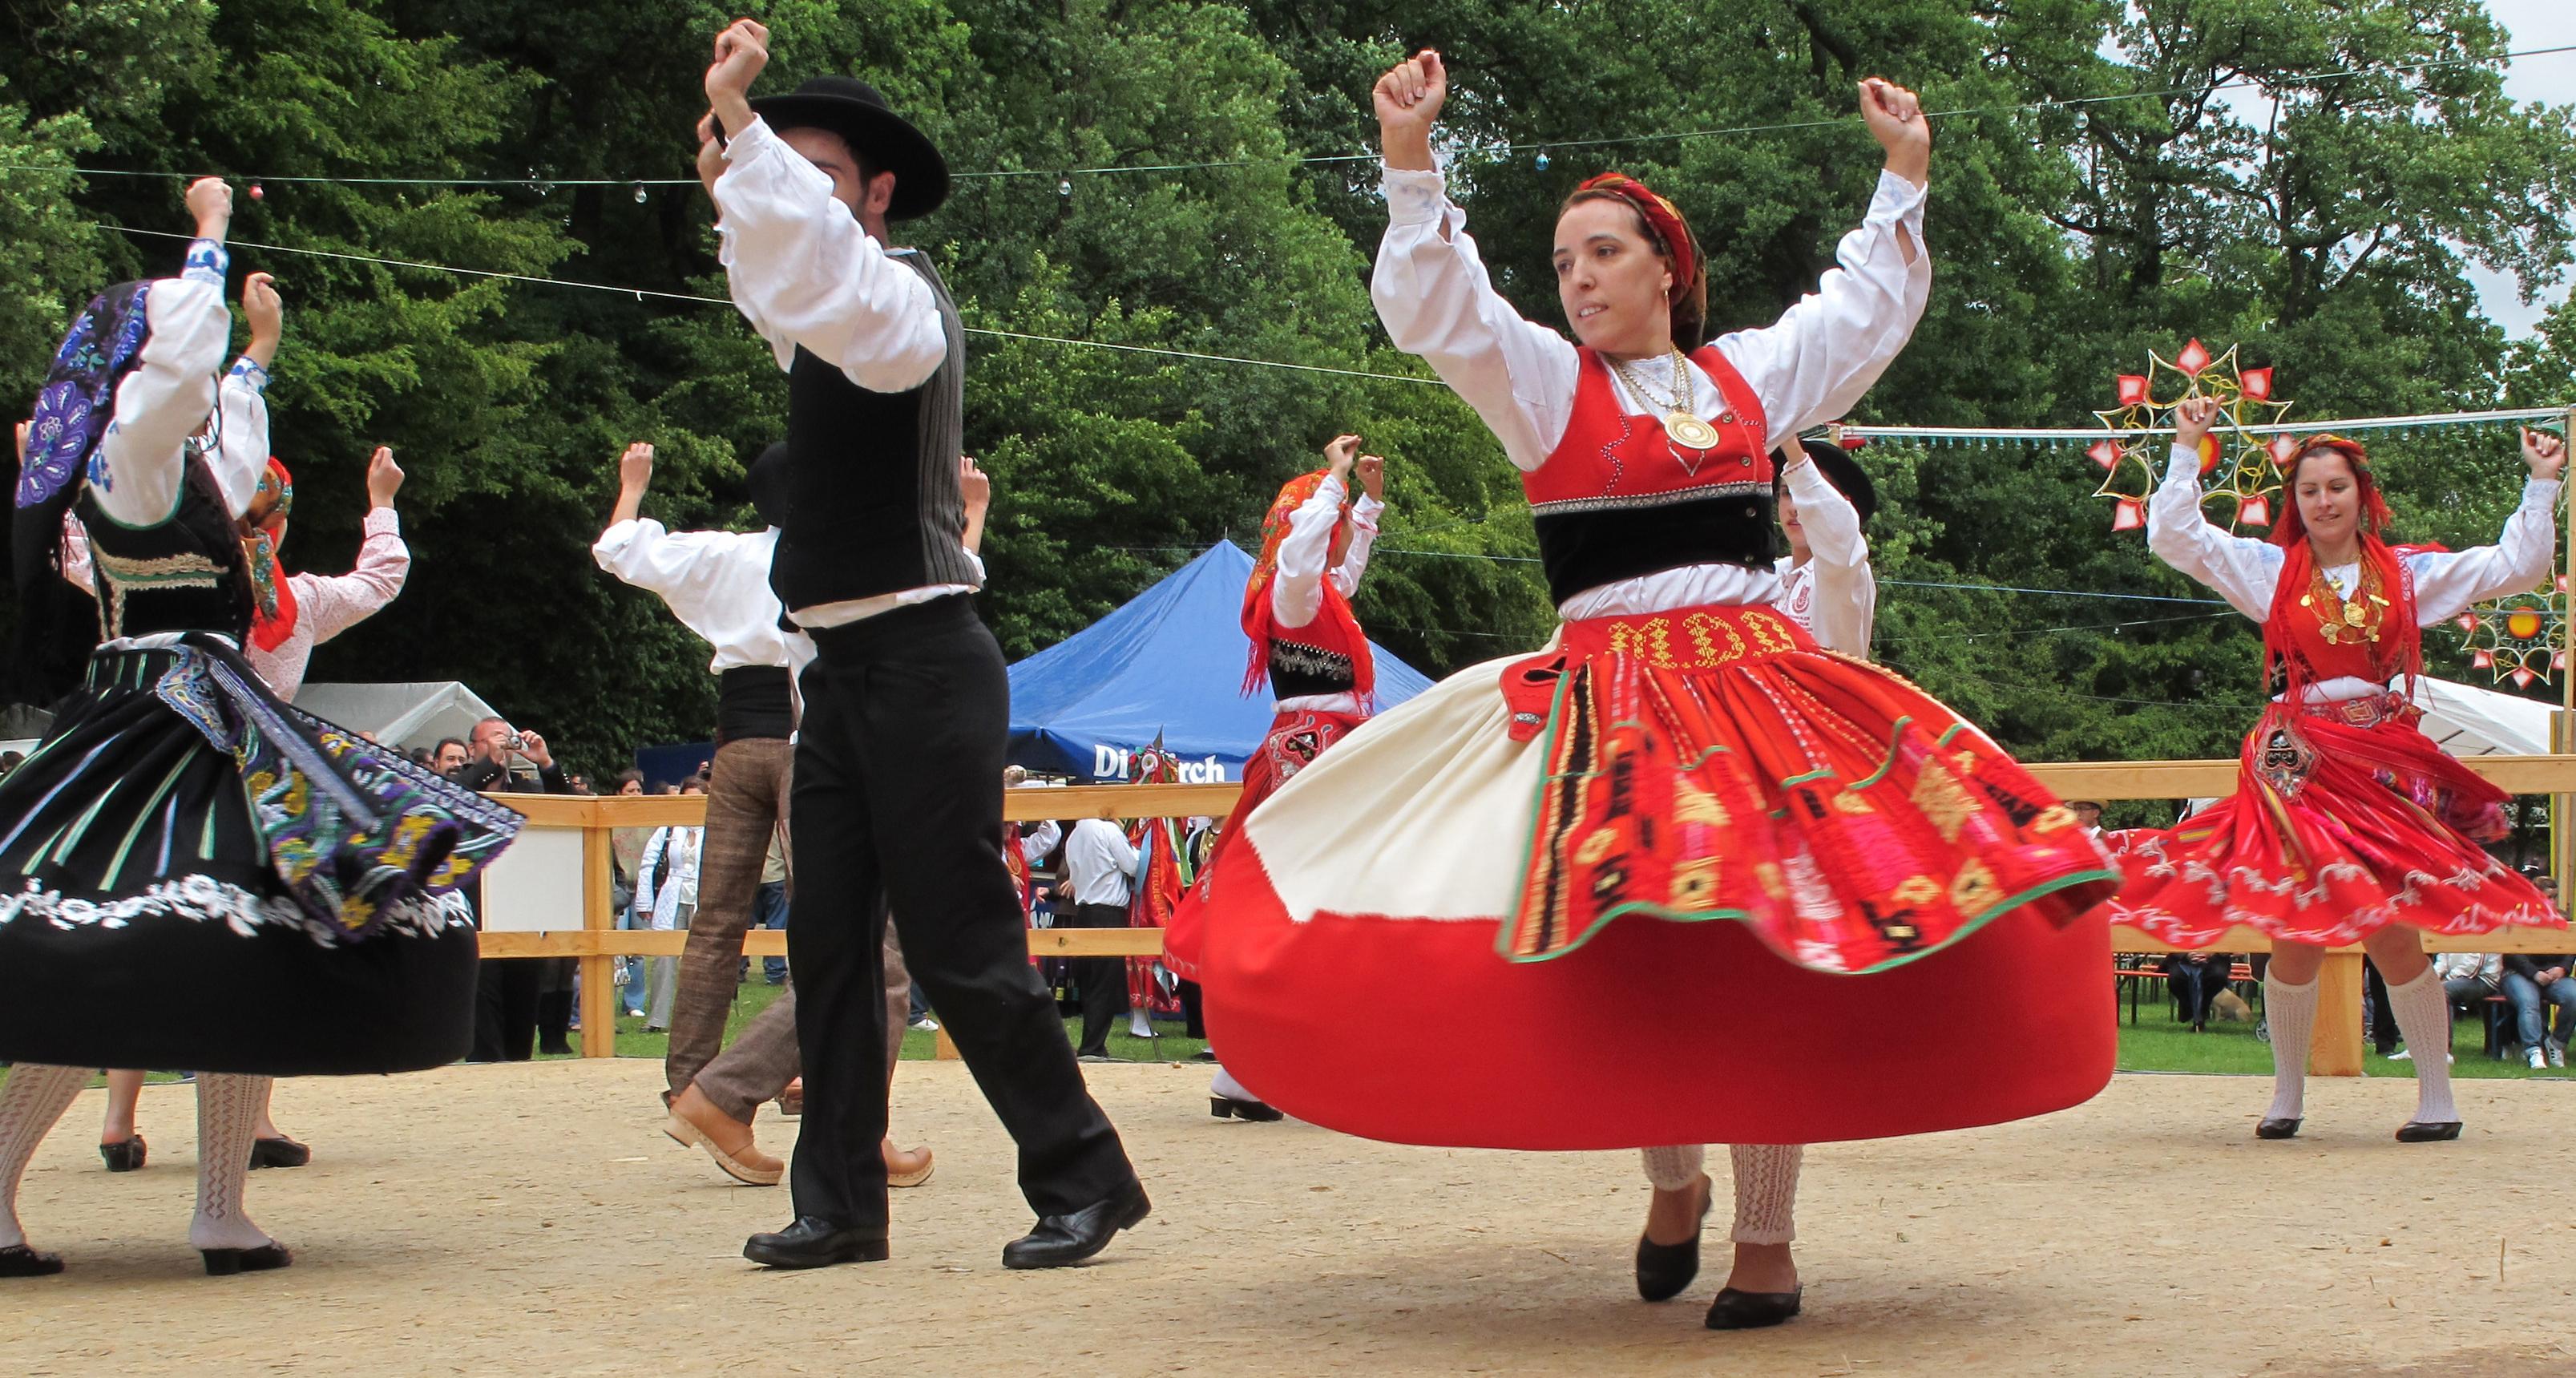 Portuguese dating culture